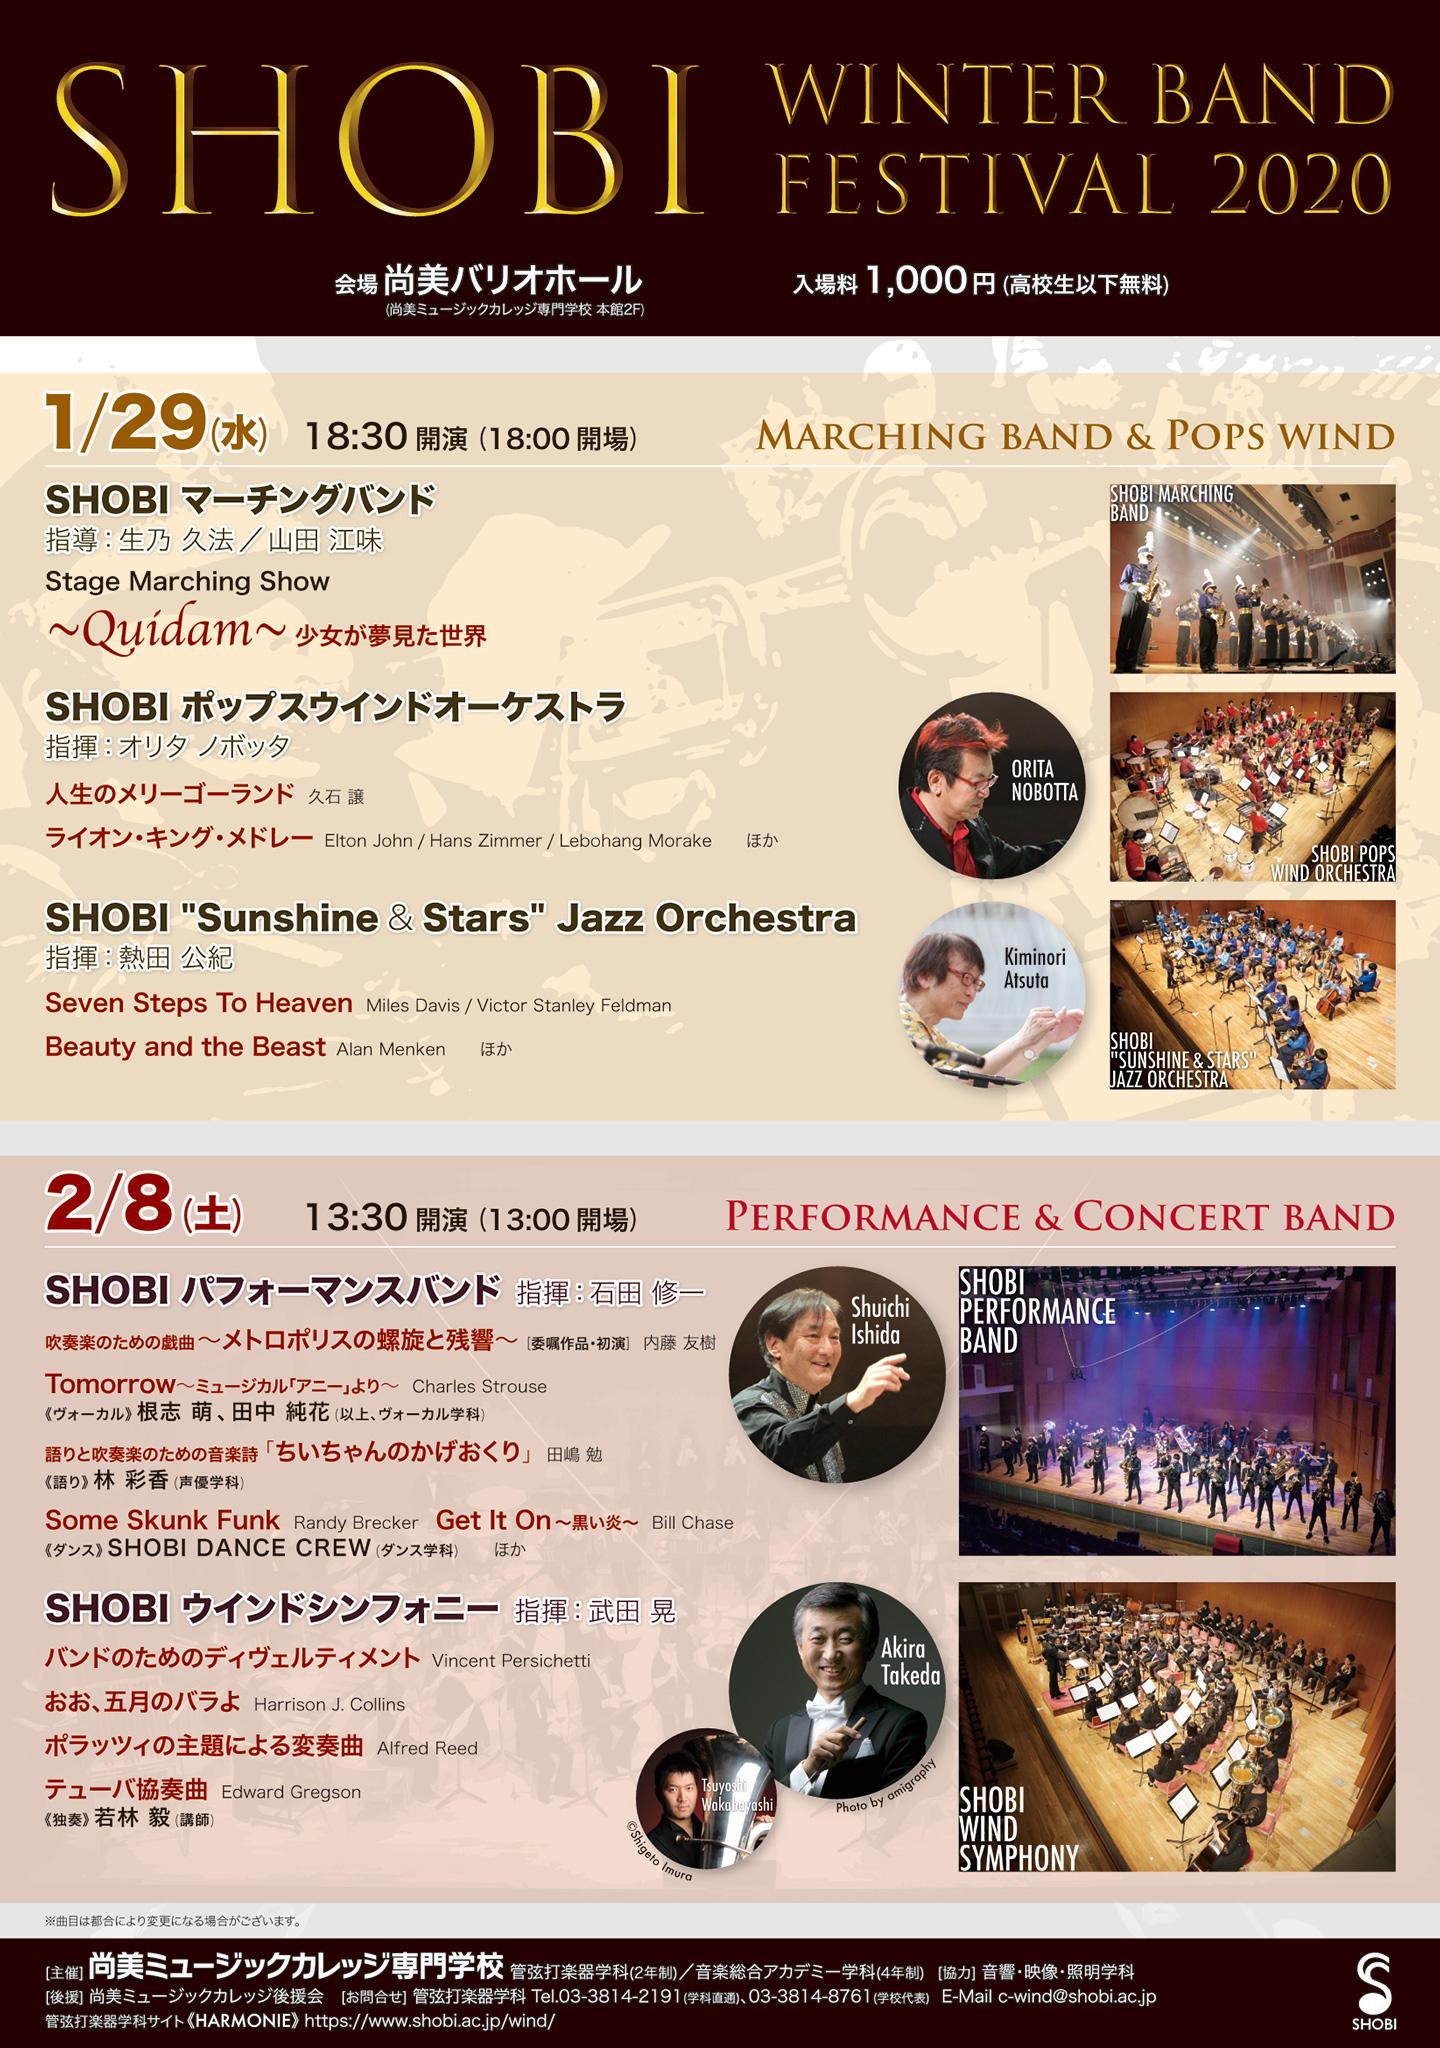 【1月29日開催】SHOBI WINTER BAND FESTIVAL 2020 -MARCHING BAND & POPS WIND-